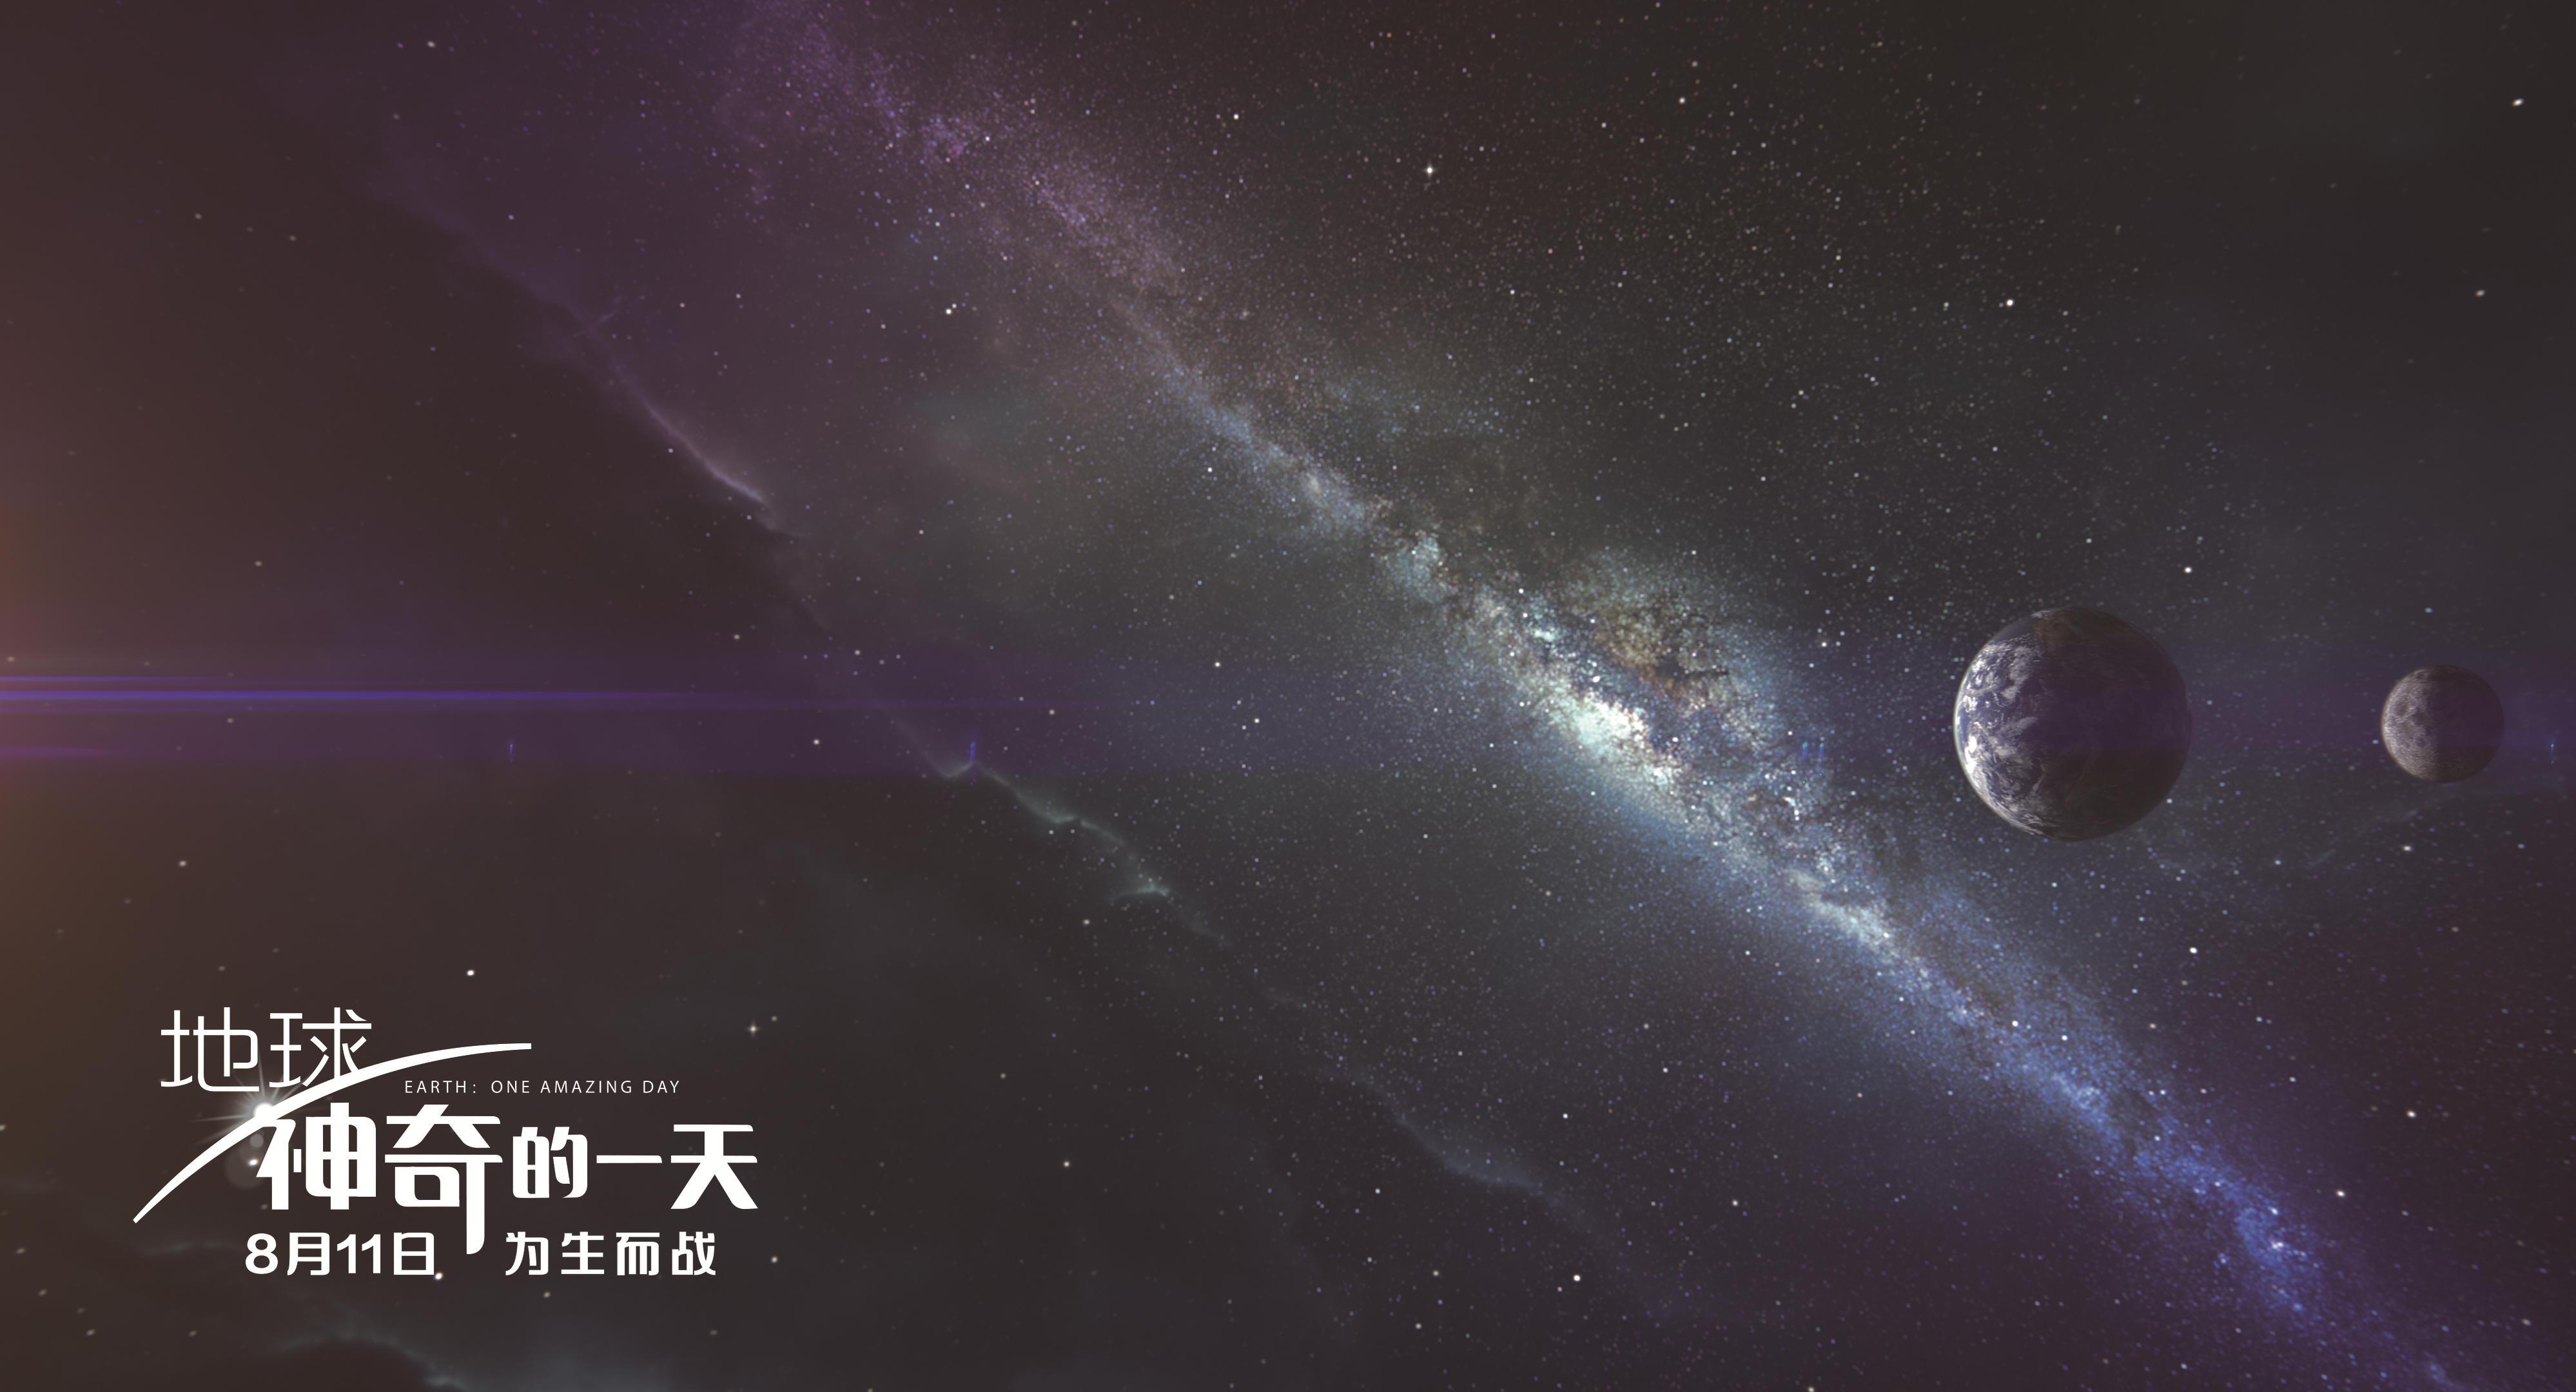 《地球:神奇的一天》上映 编剧严歌苓手写寄语